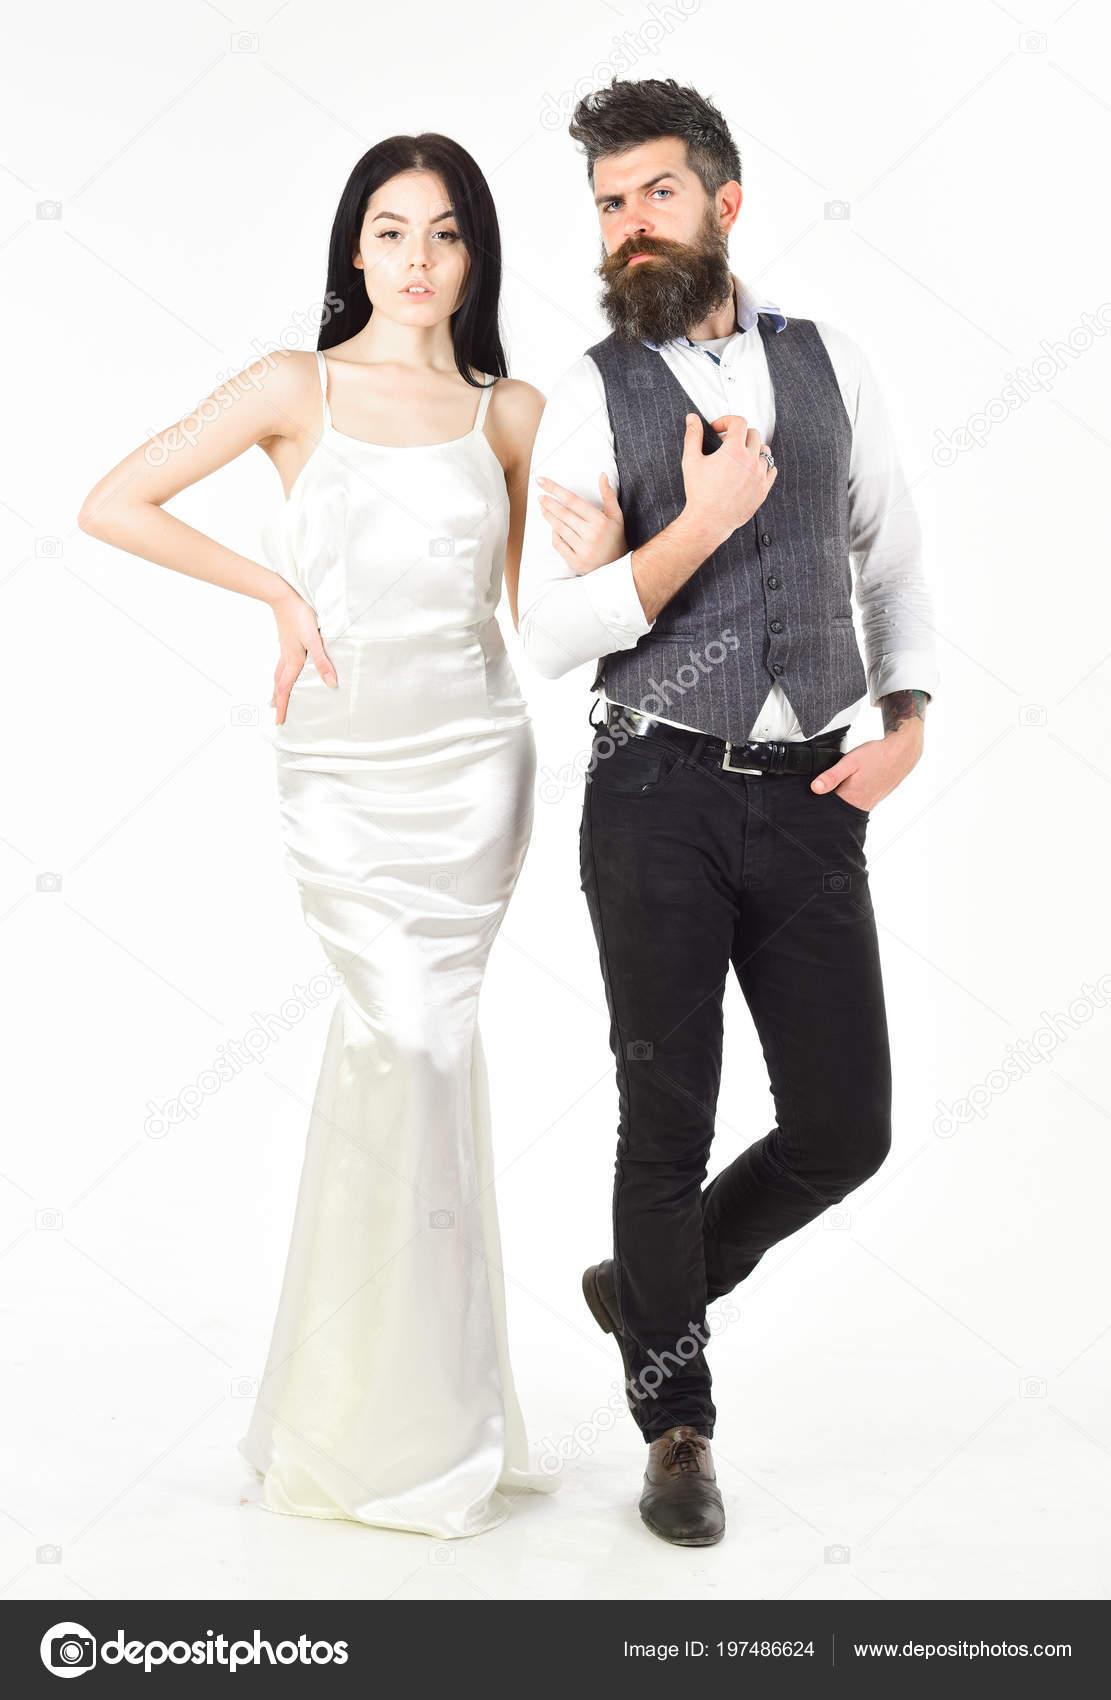 9954ce3da Mujer en vestido de novia y el hombre de chaleco. Barba hipster con novia  vestidos para ceremonia de boda. Concepto de boda. Pareja en el amor